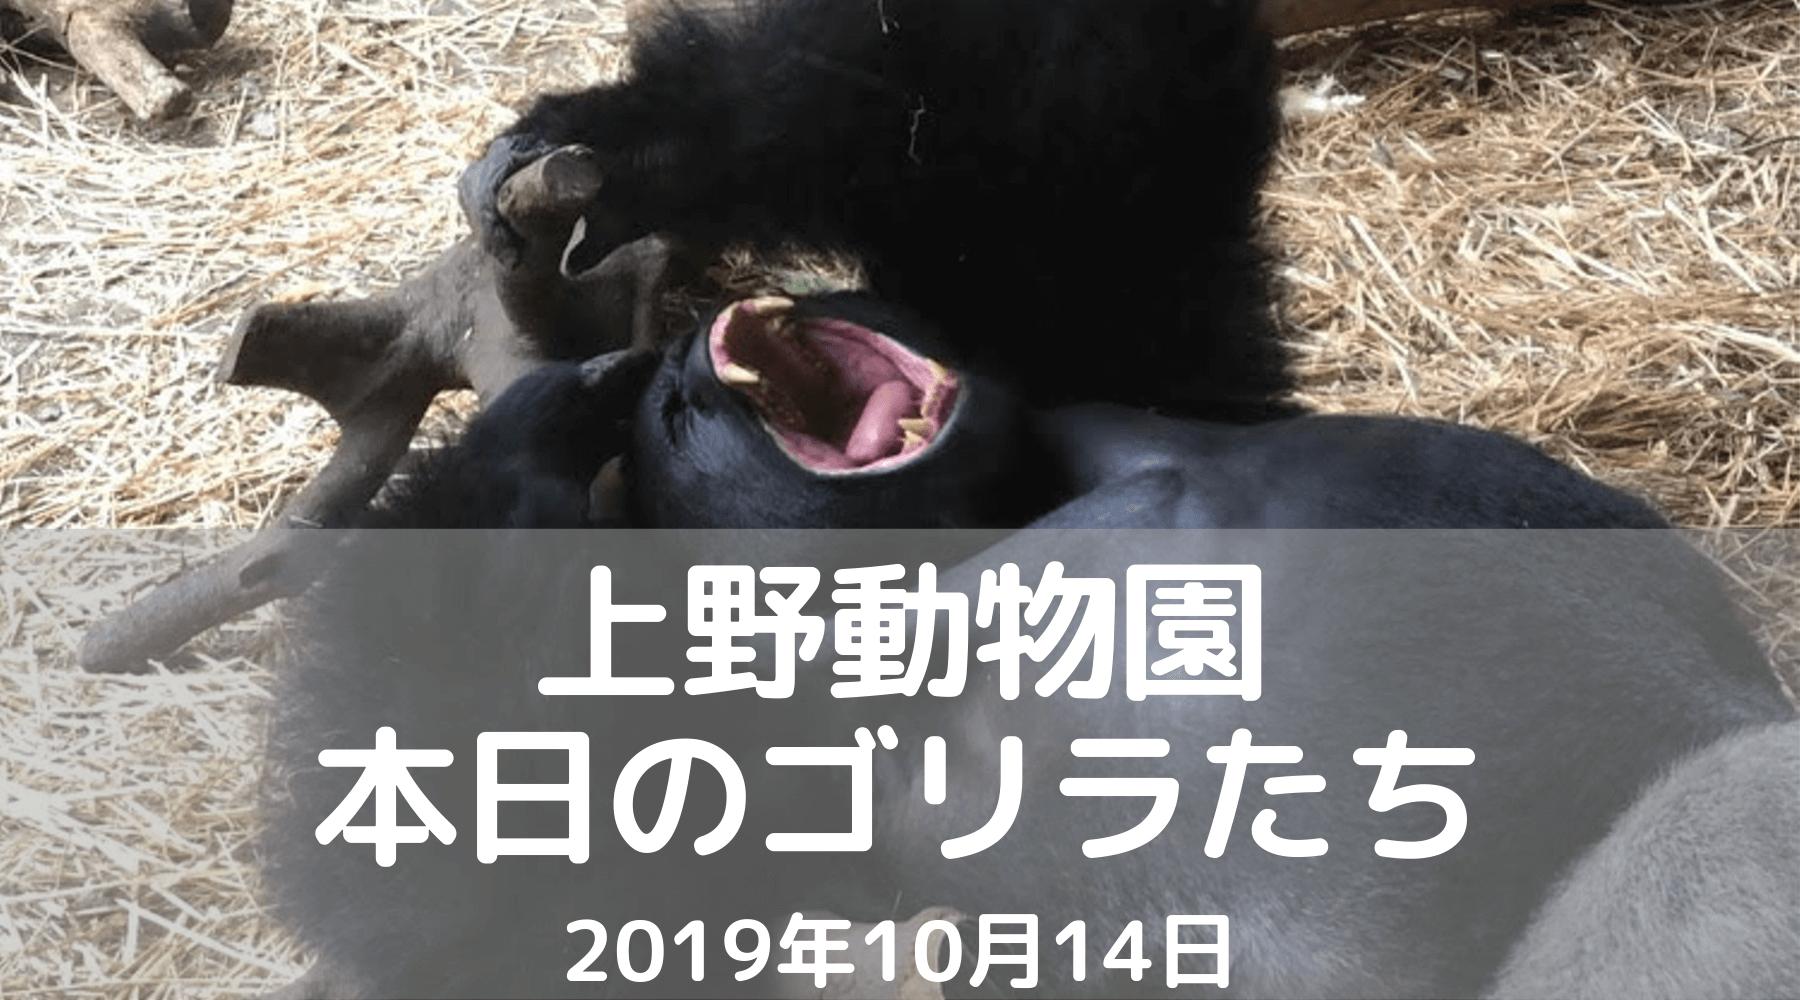 上野動物園-ゴリラ-20191014